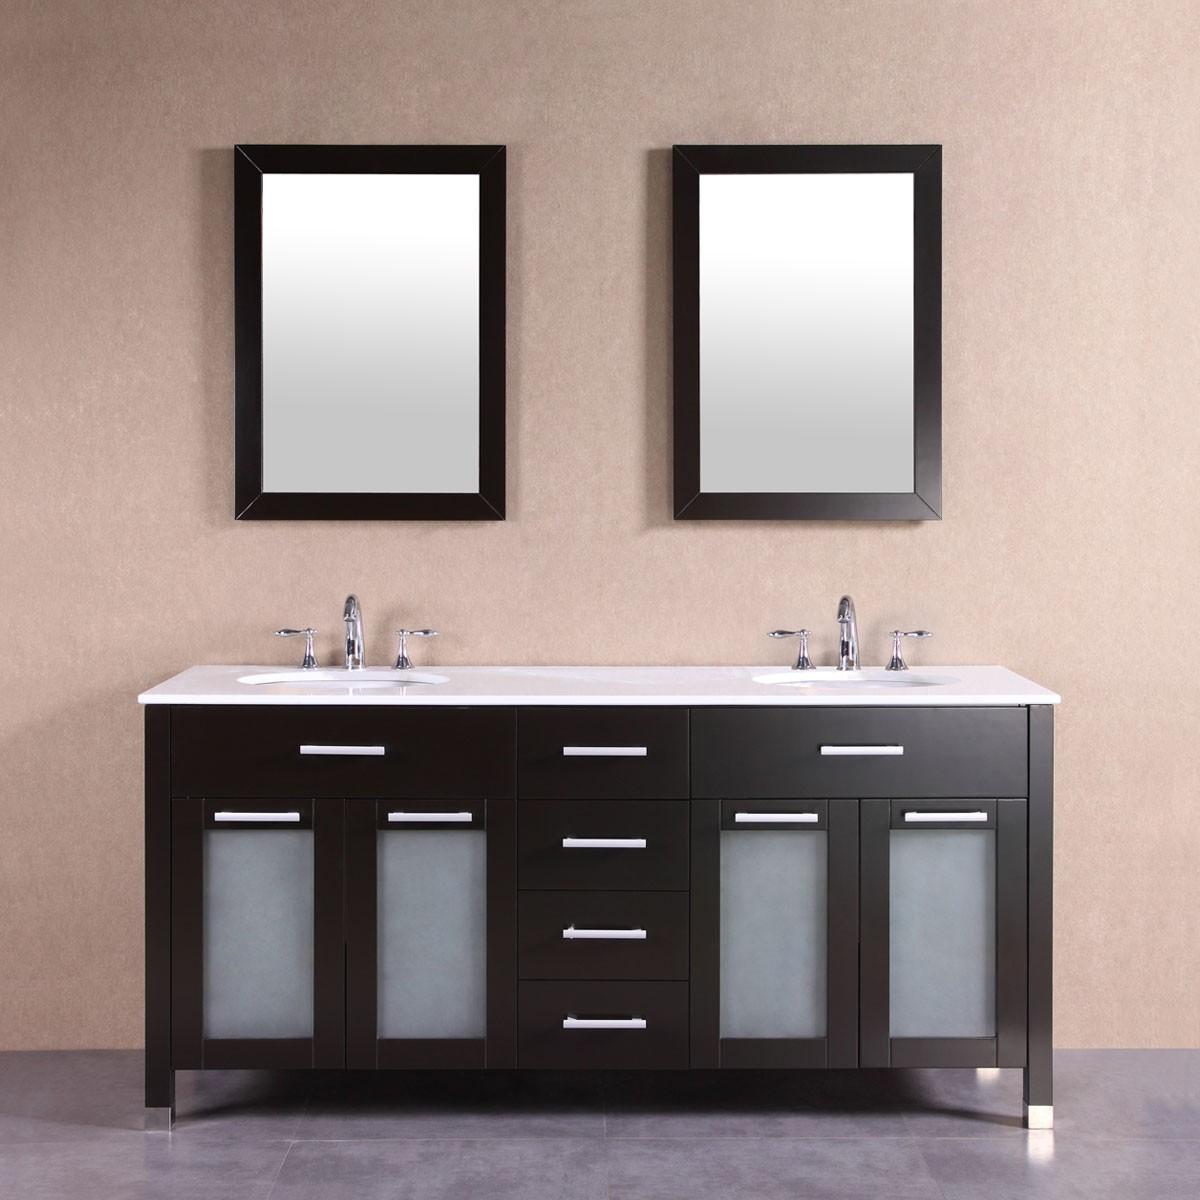 Po Meuble Salle De Bain Sur Pieds à Lavabo Double Avec Deux - Meuble salle de bain sur pieds